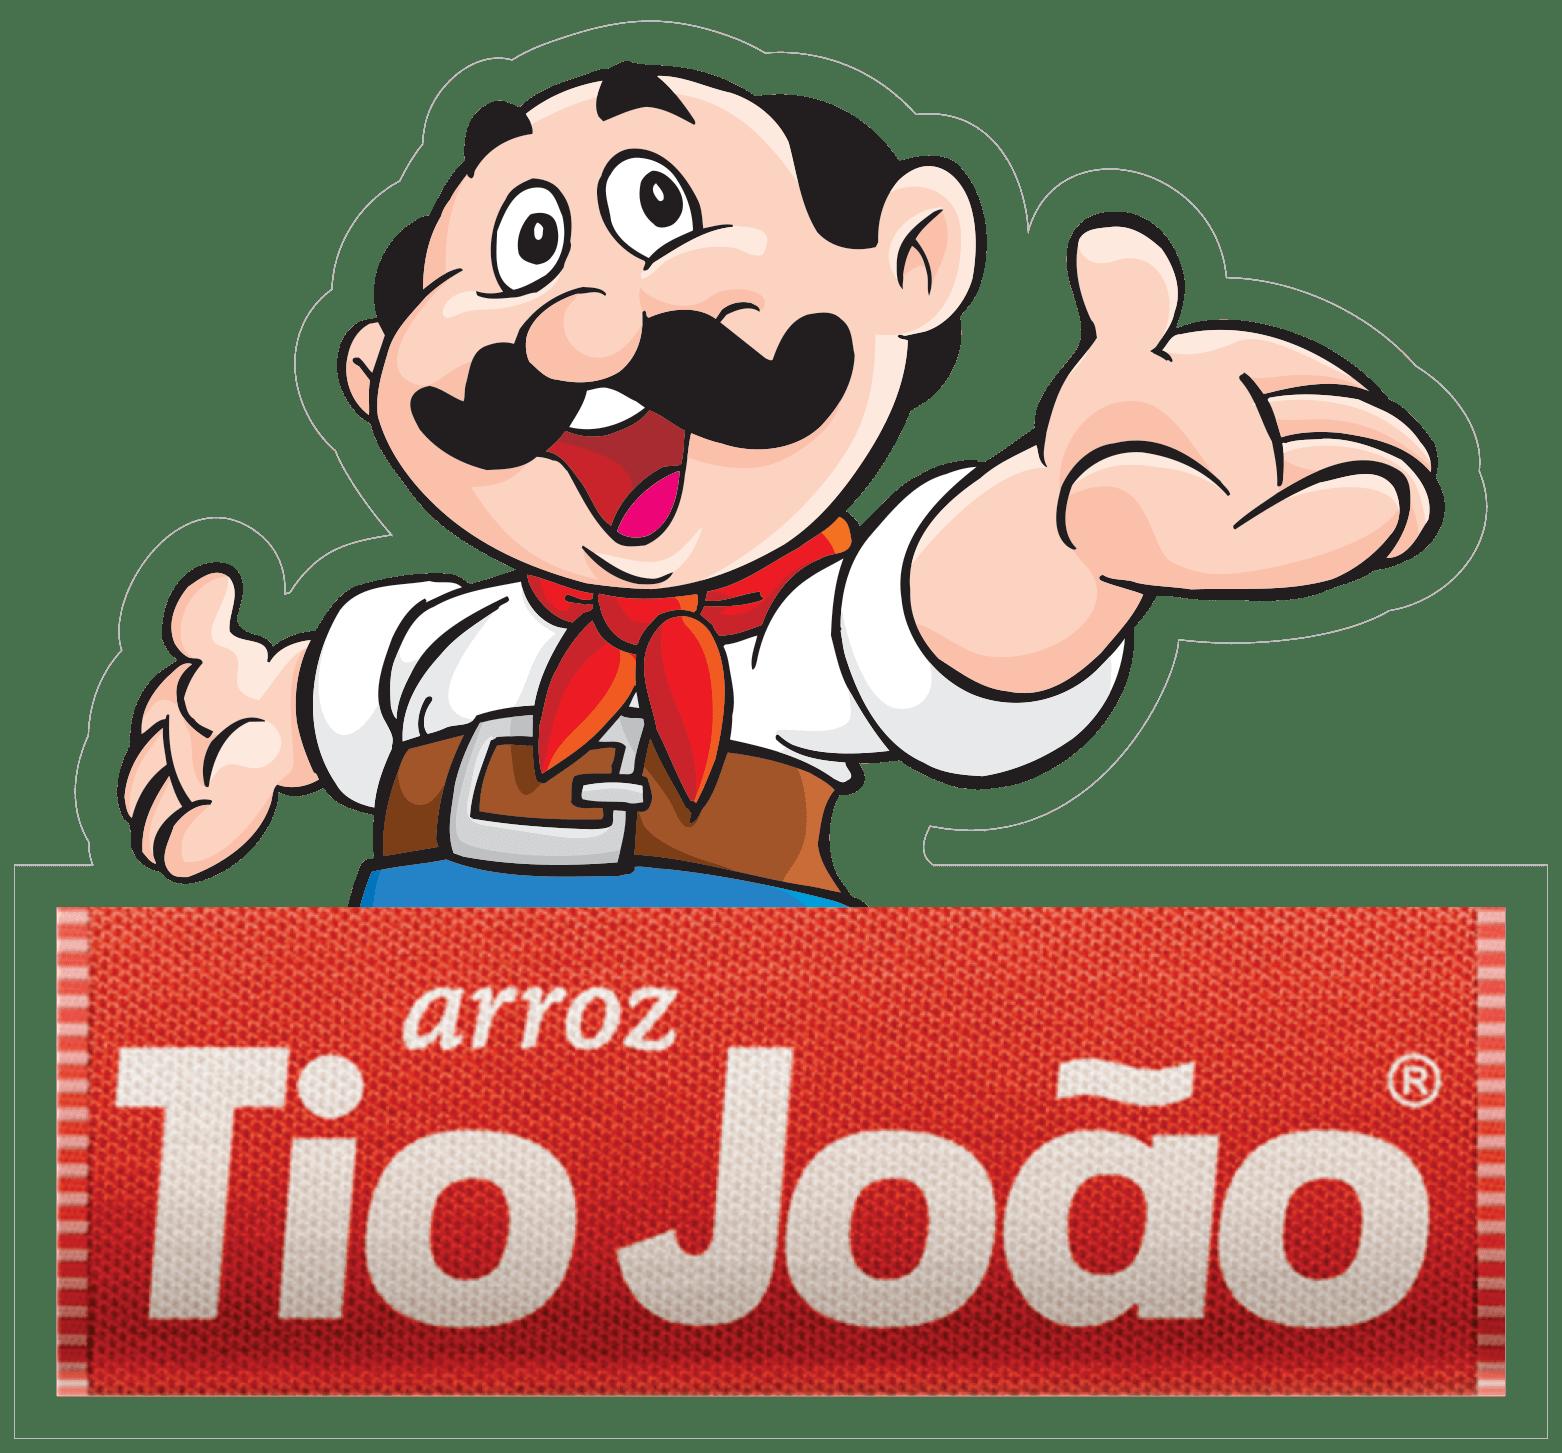 logotipo do tio joão